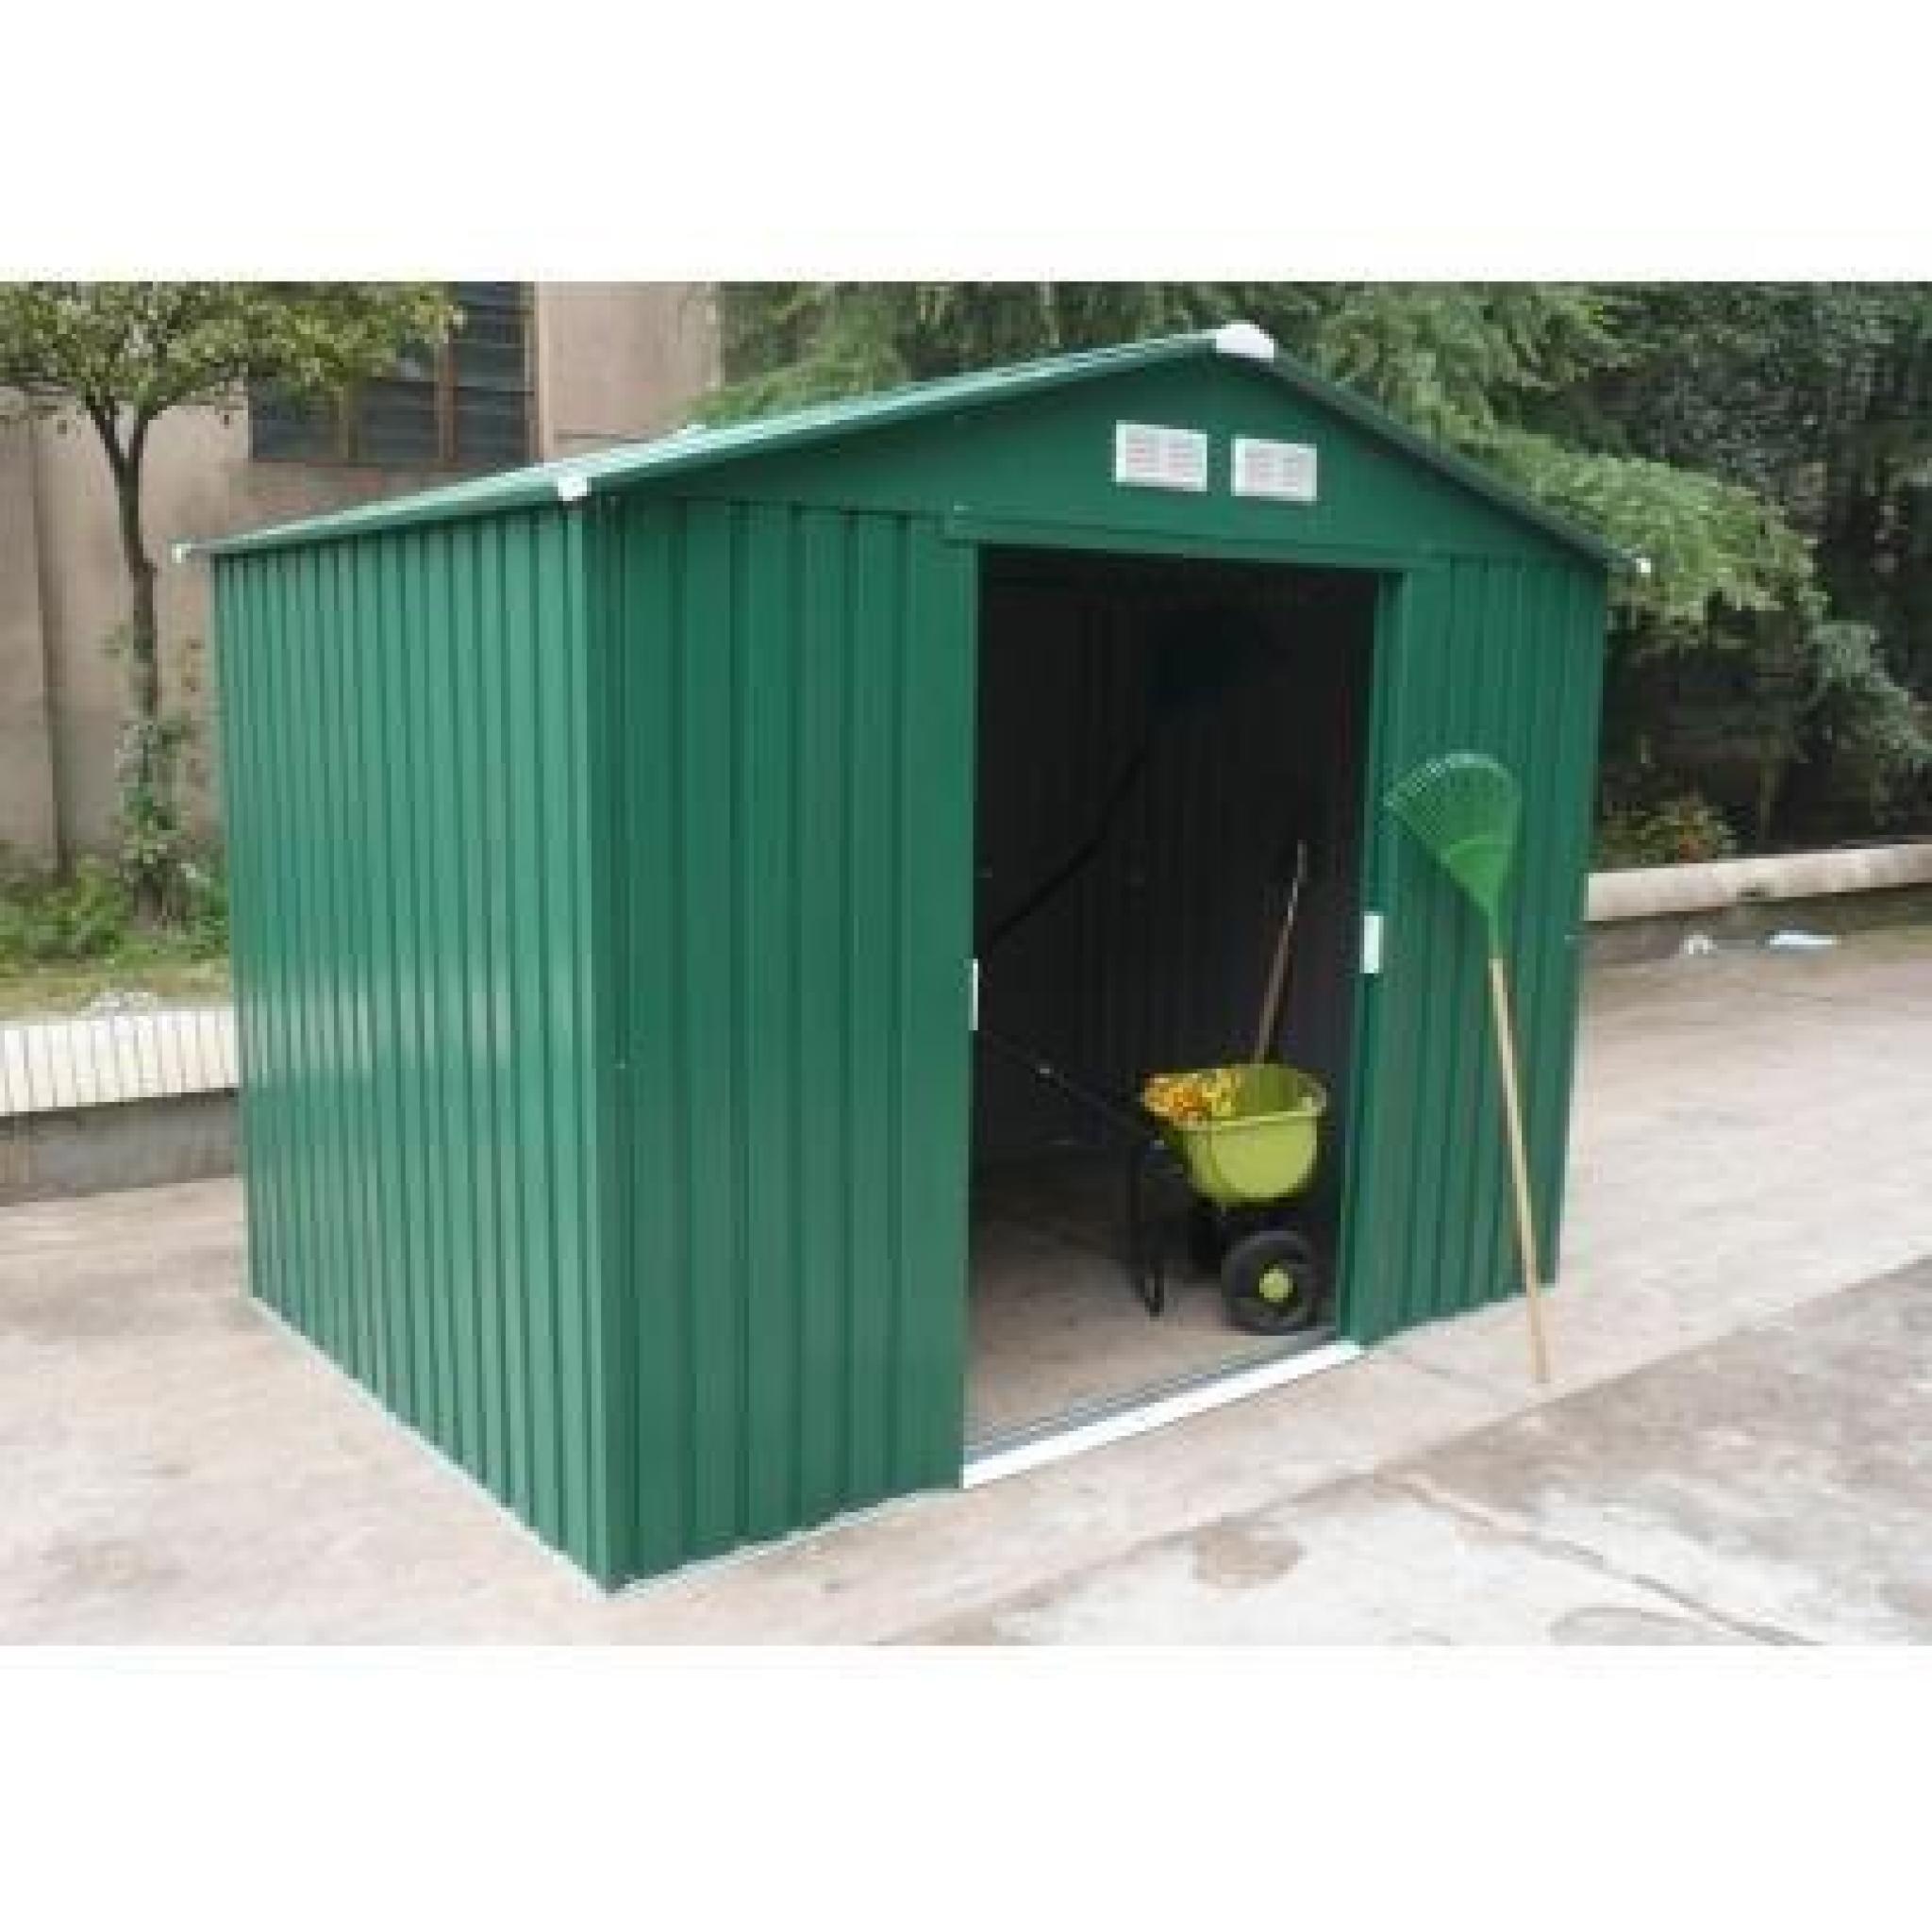 Abri De Jardin En Acier Galvanisé Kiosko - 5.9M² pour Abri De Jardin Metal Pas Cher